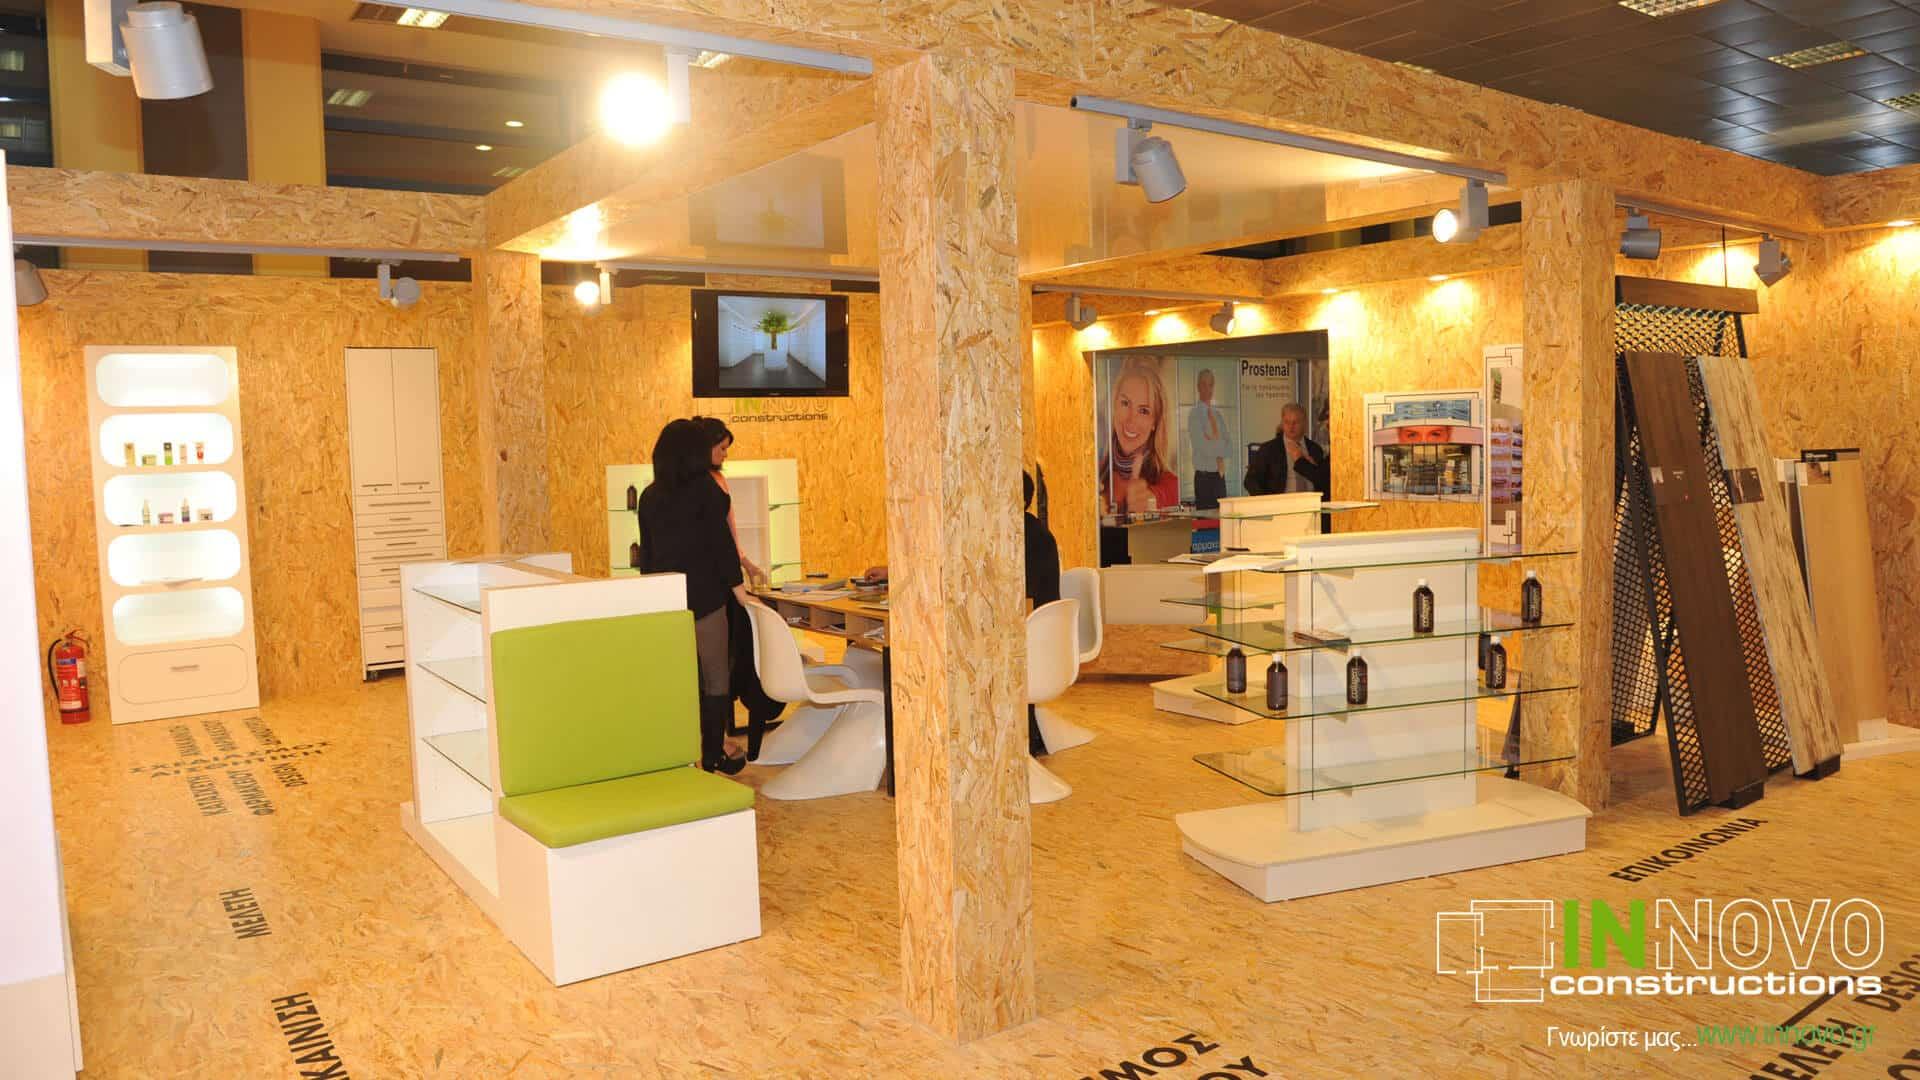 kataskevi-peripterou-exhibition-stand-construction-periptero-mas-hellaspharm2014-2